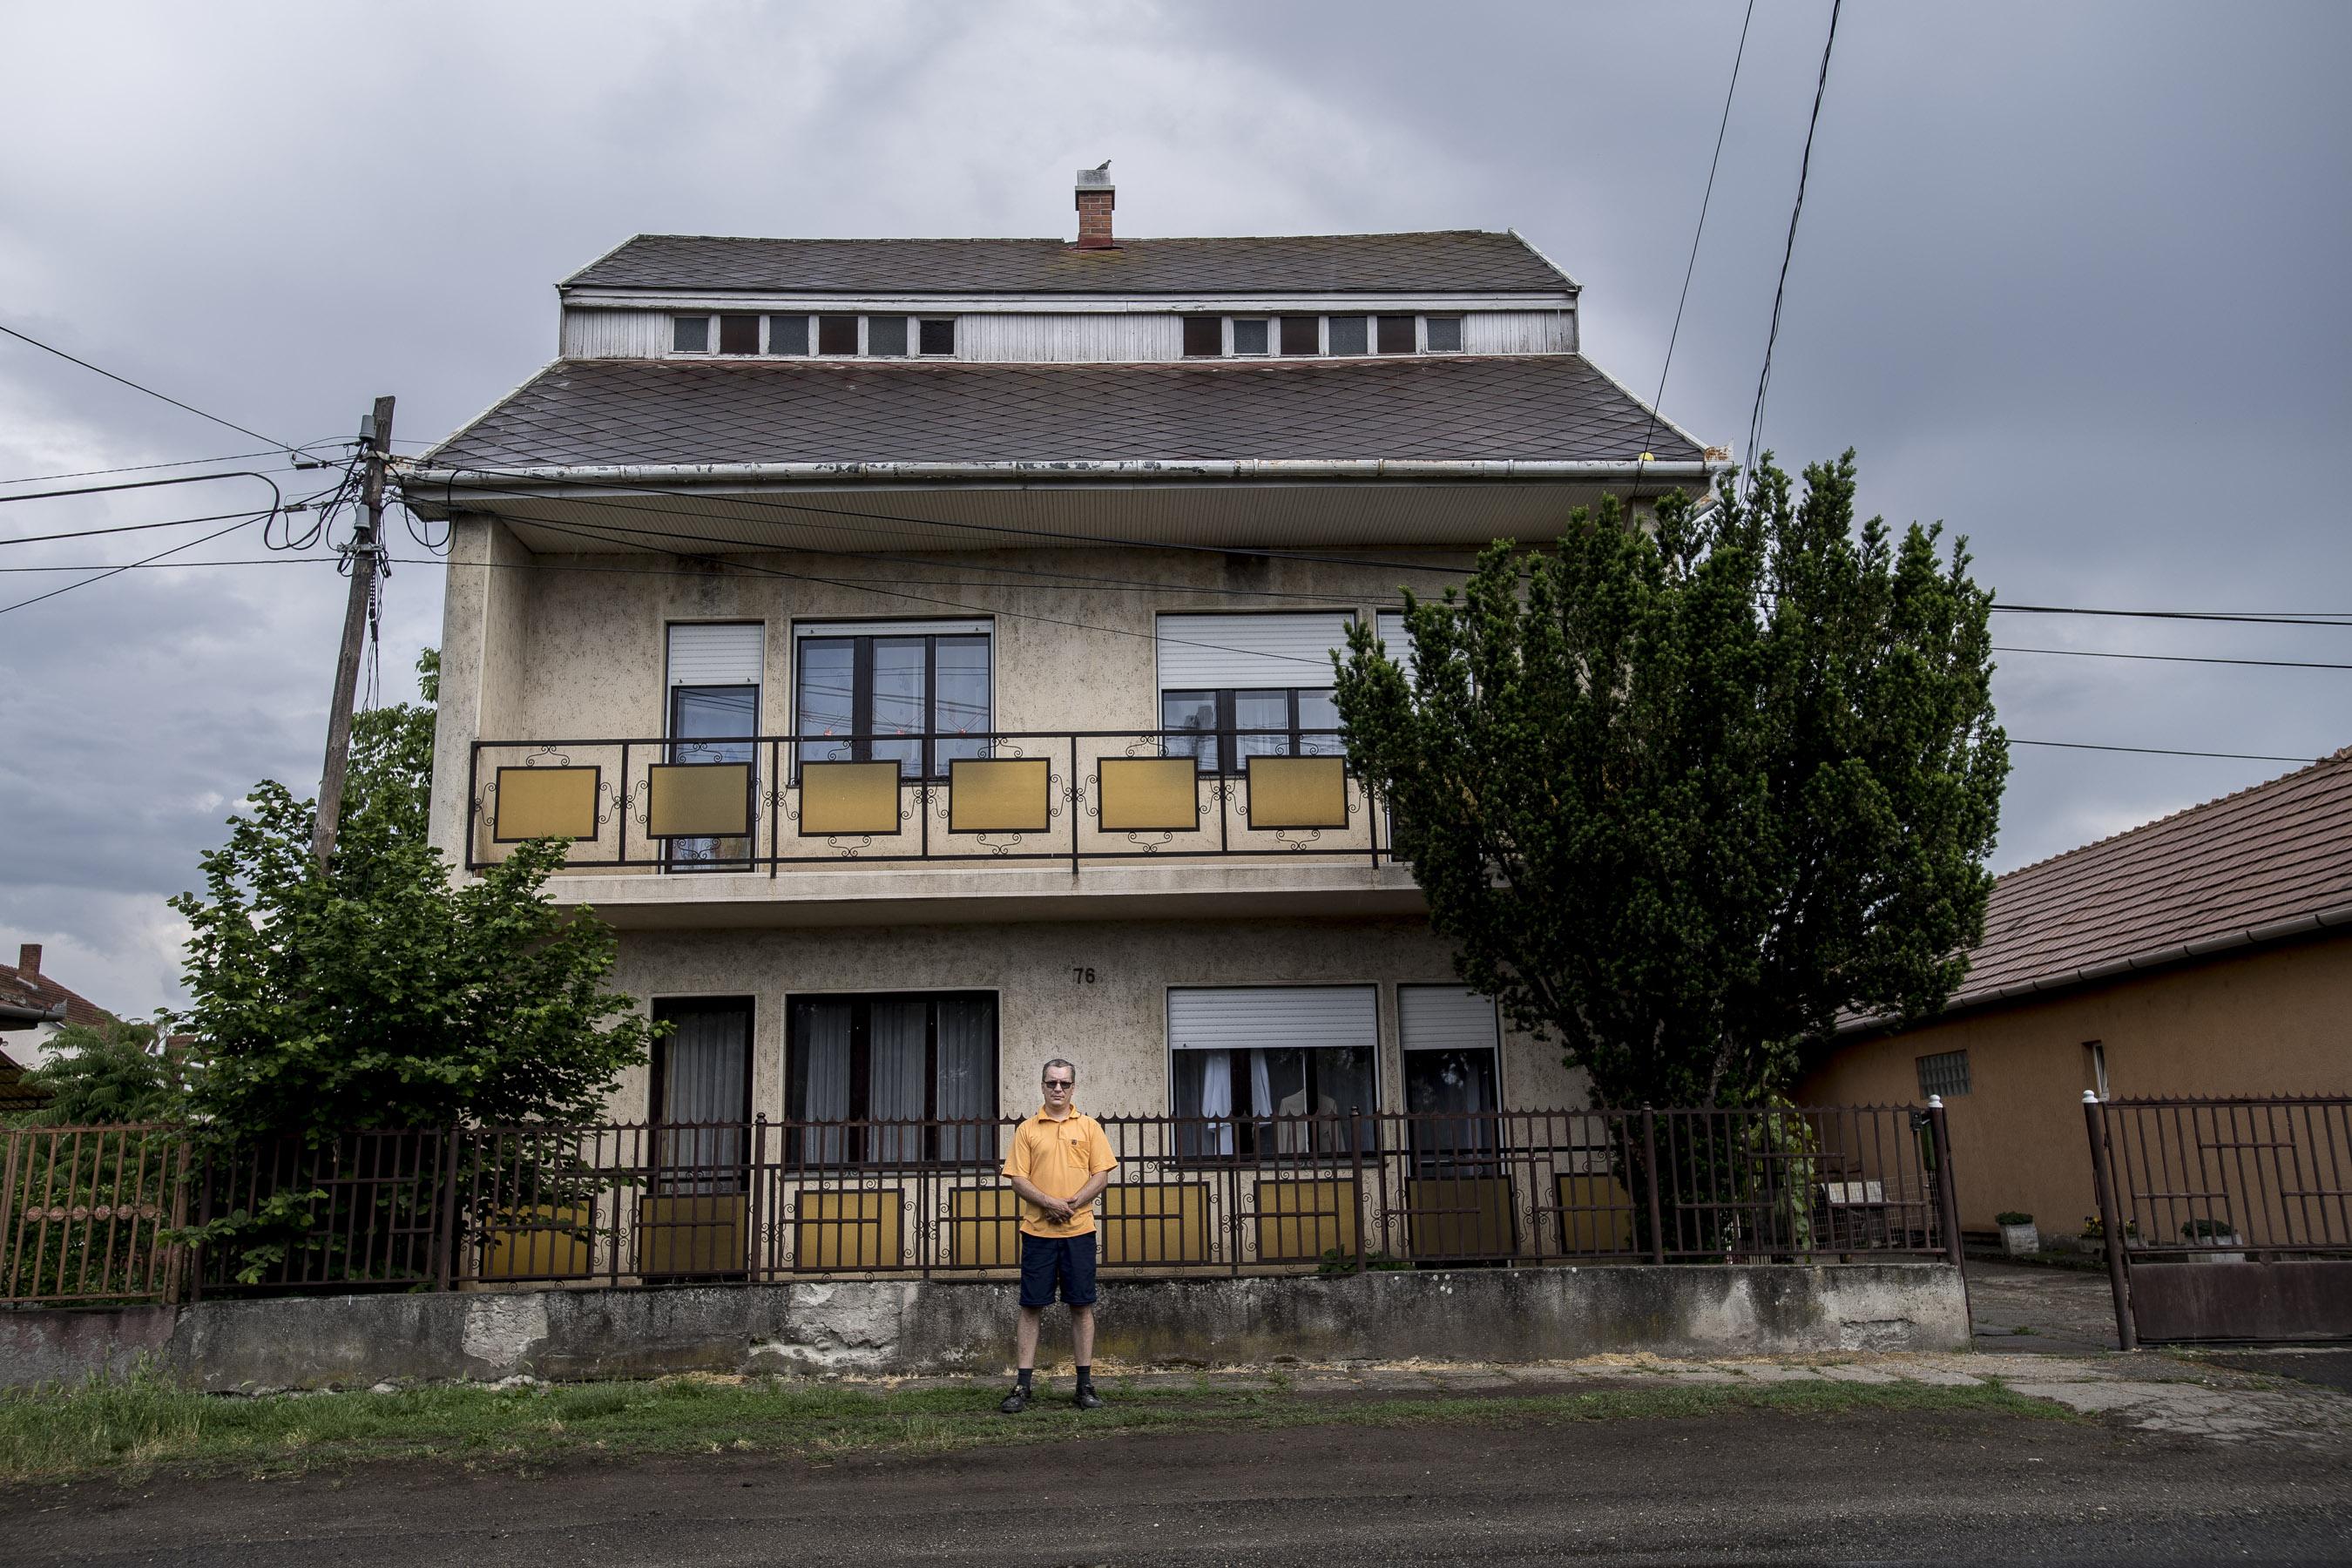 Lassan csak magányos szülők lakják a 80-as évek többgenerációs családi házait